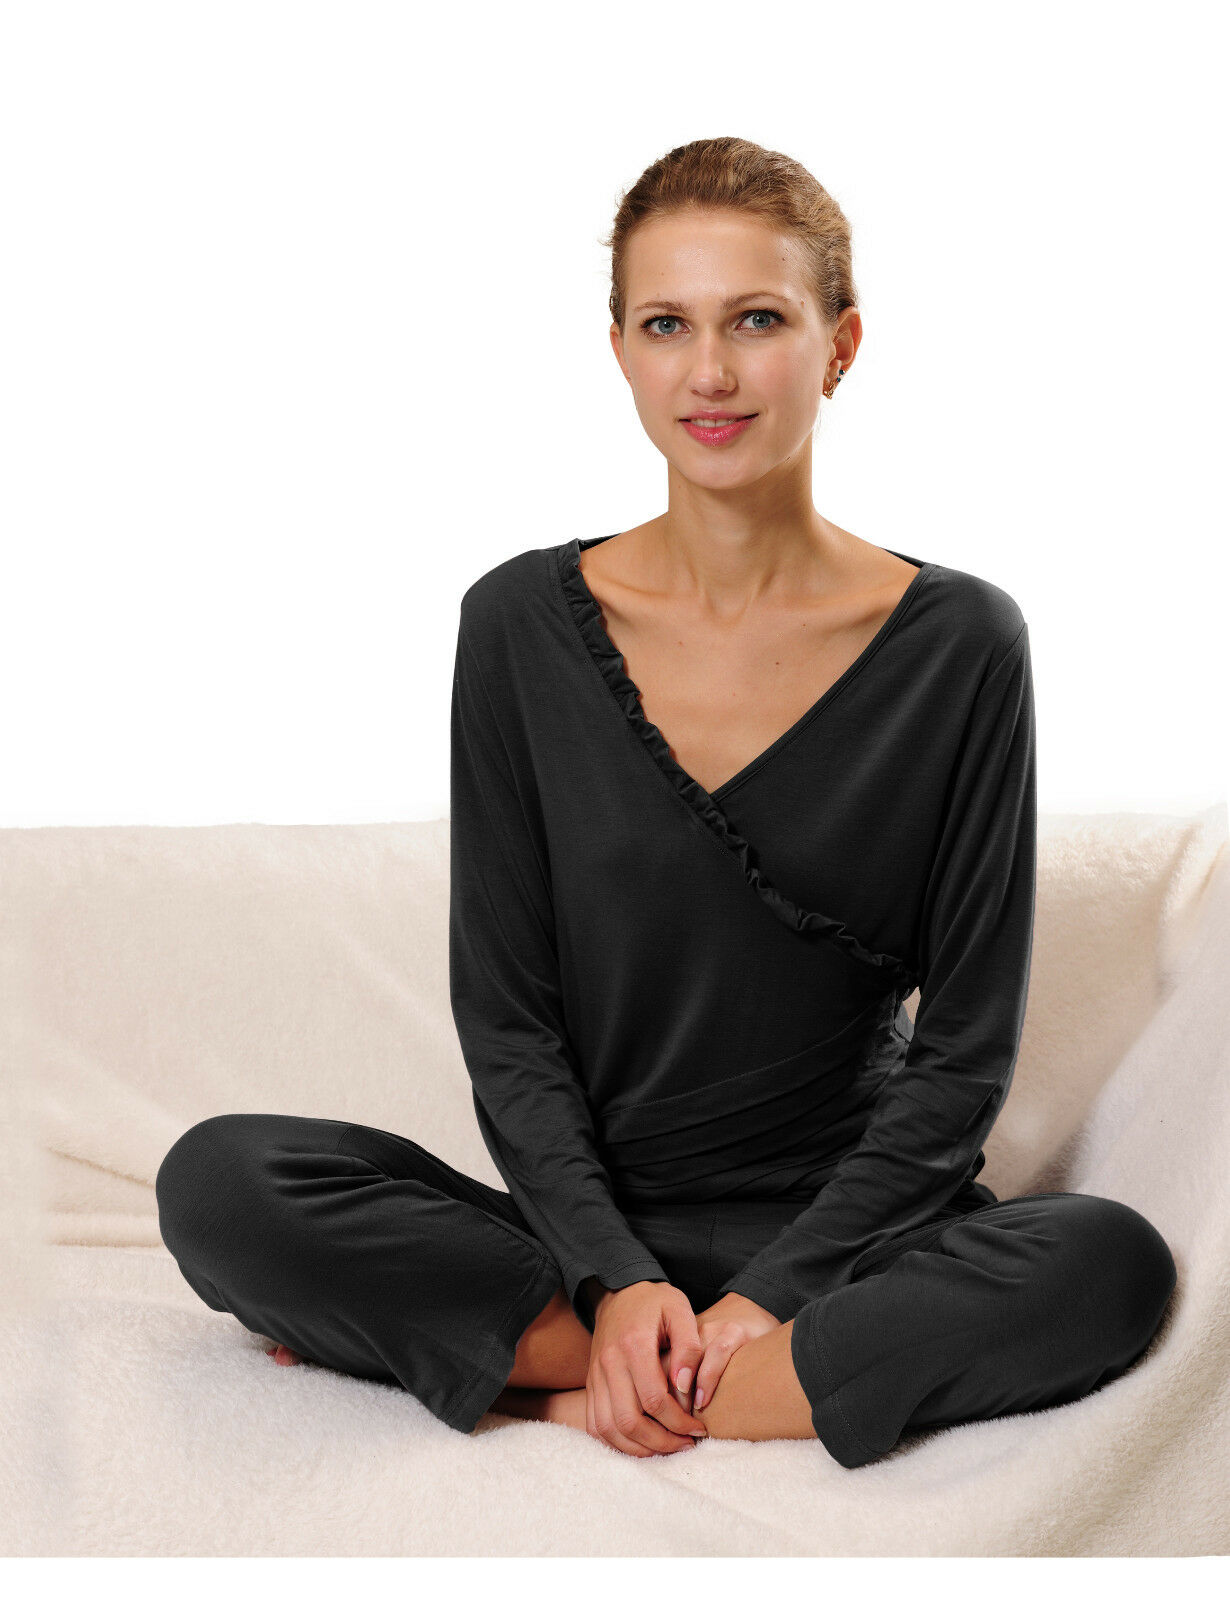 Damen Schlafanzug Fitness Yoga Pyjama Set Hausanzug mit Rüschen Größen 36-50